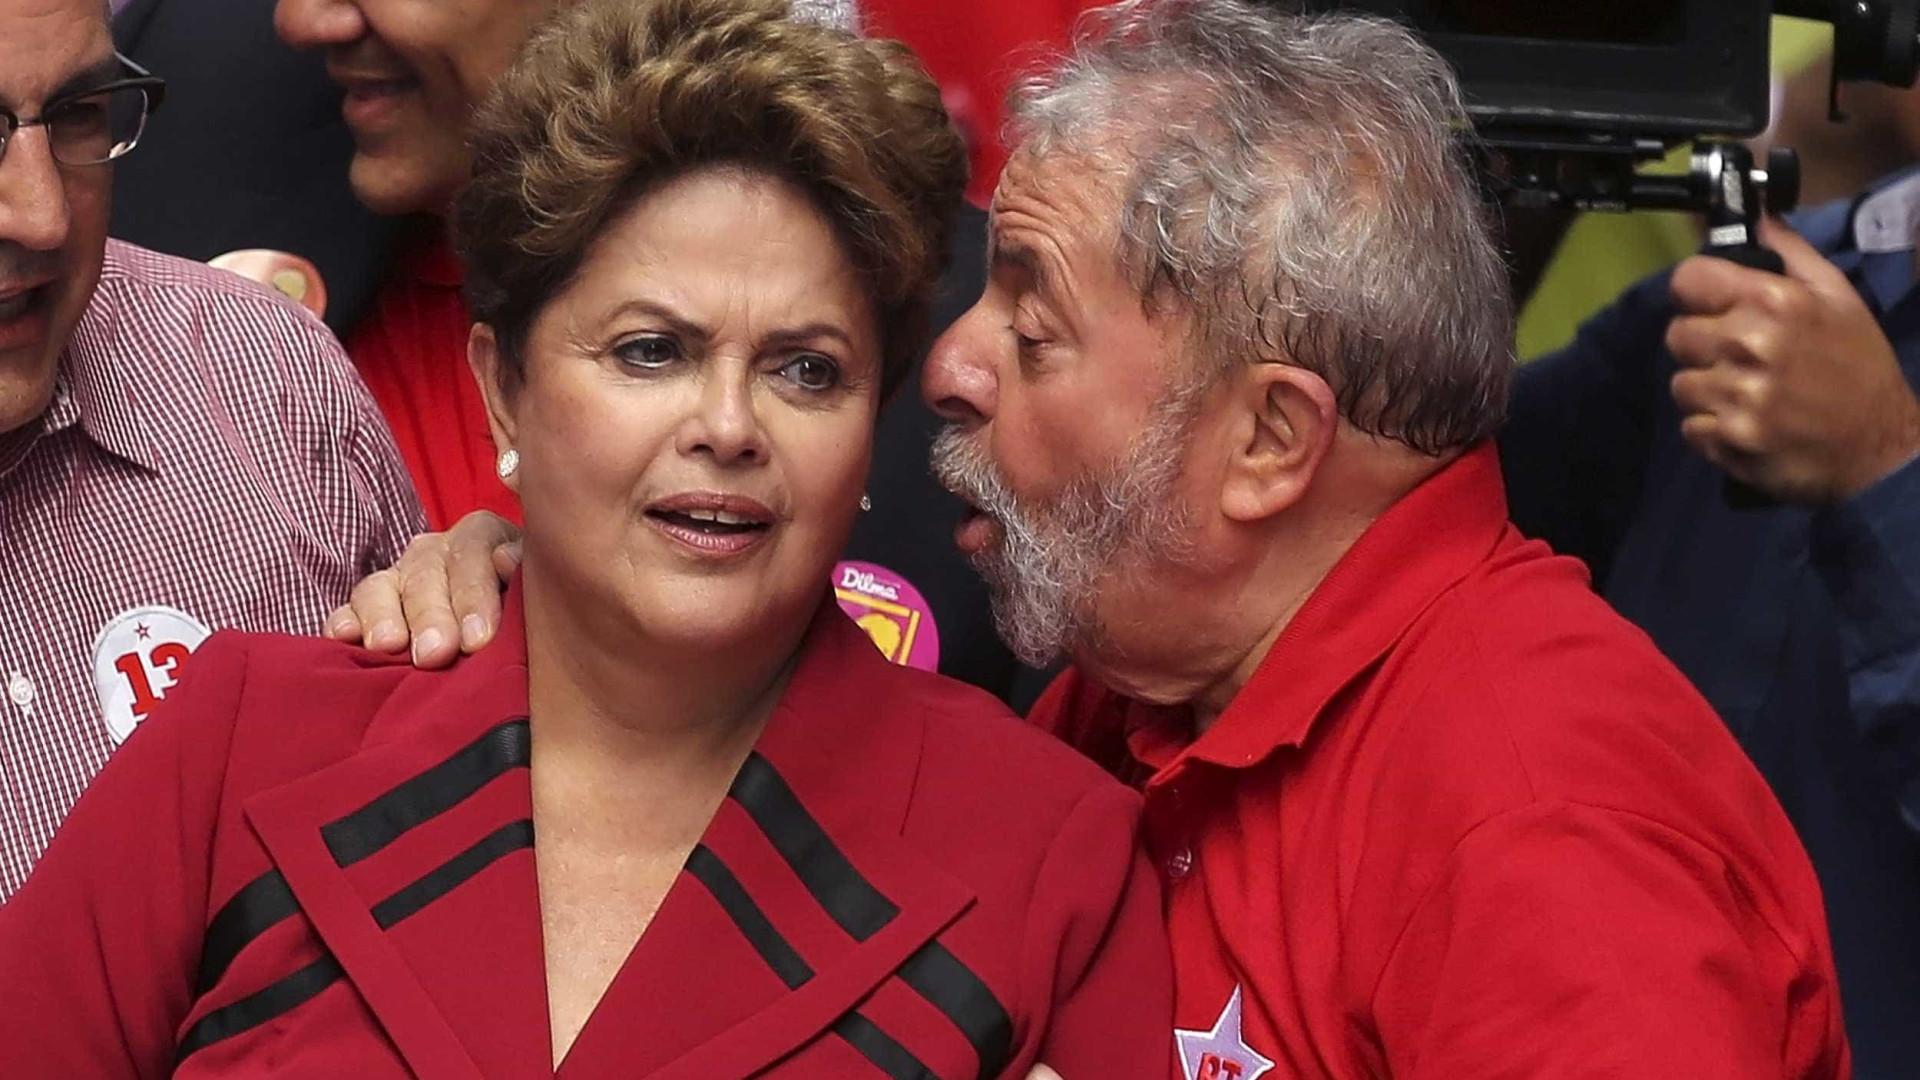 Janot denuncia Lula, Dilma e alto escalão do PT